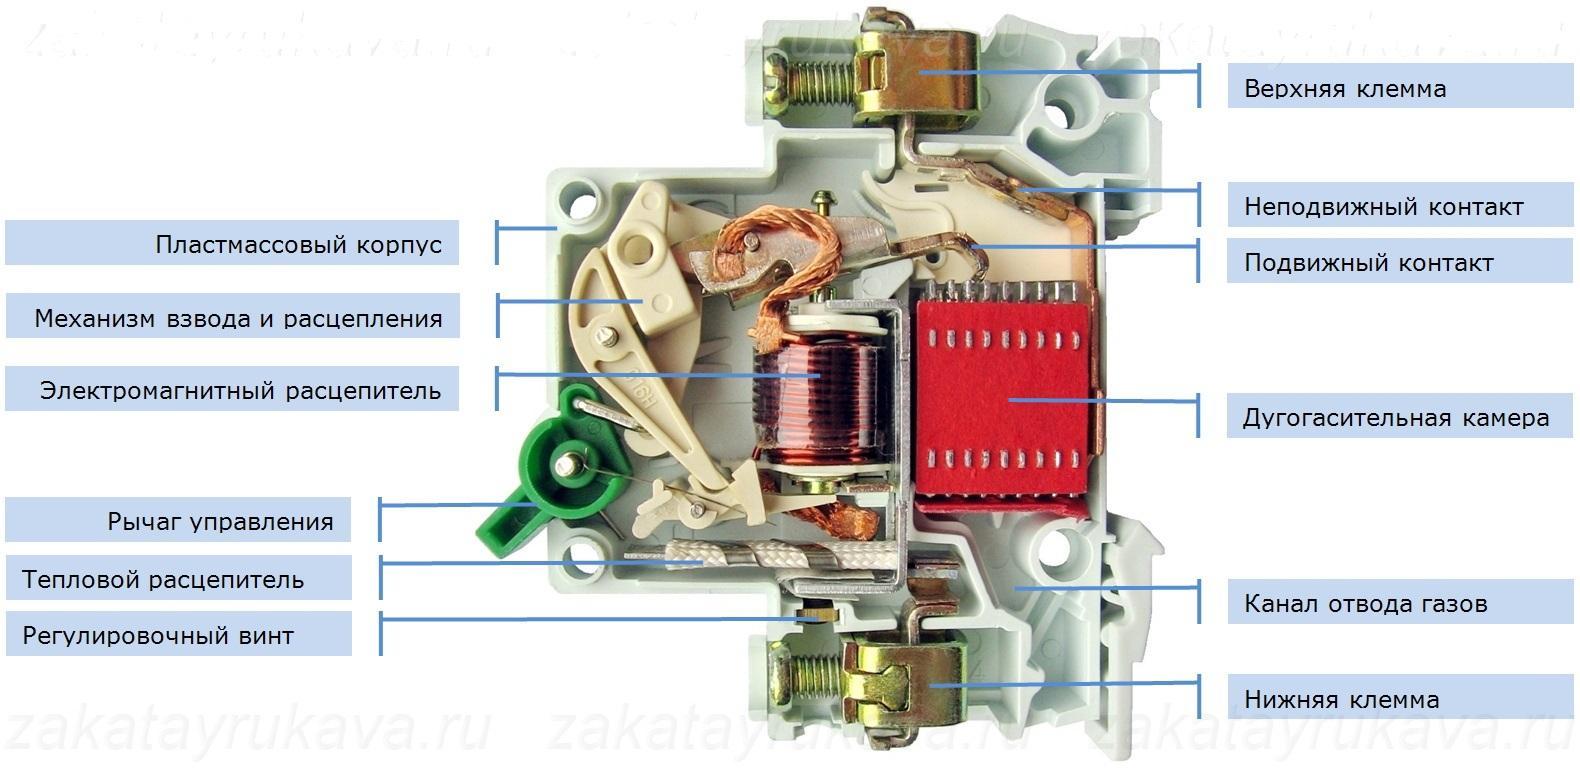 Устройство автоматического выключателя: конструкция модульного автоматического выключателя